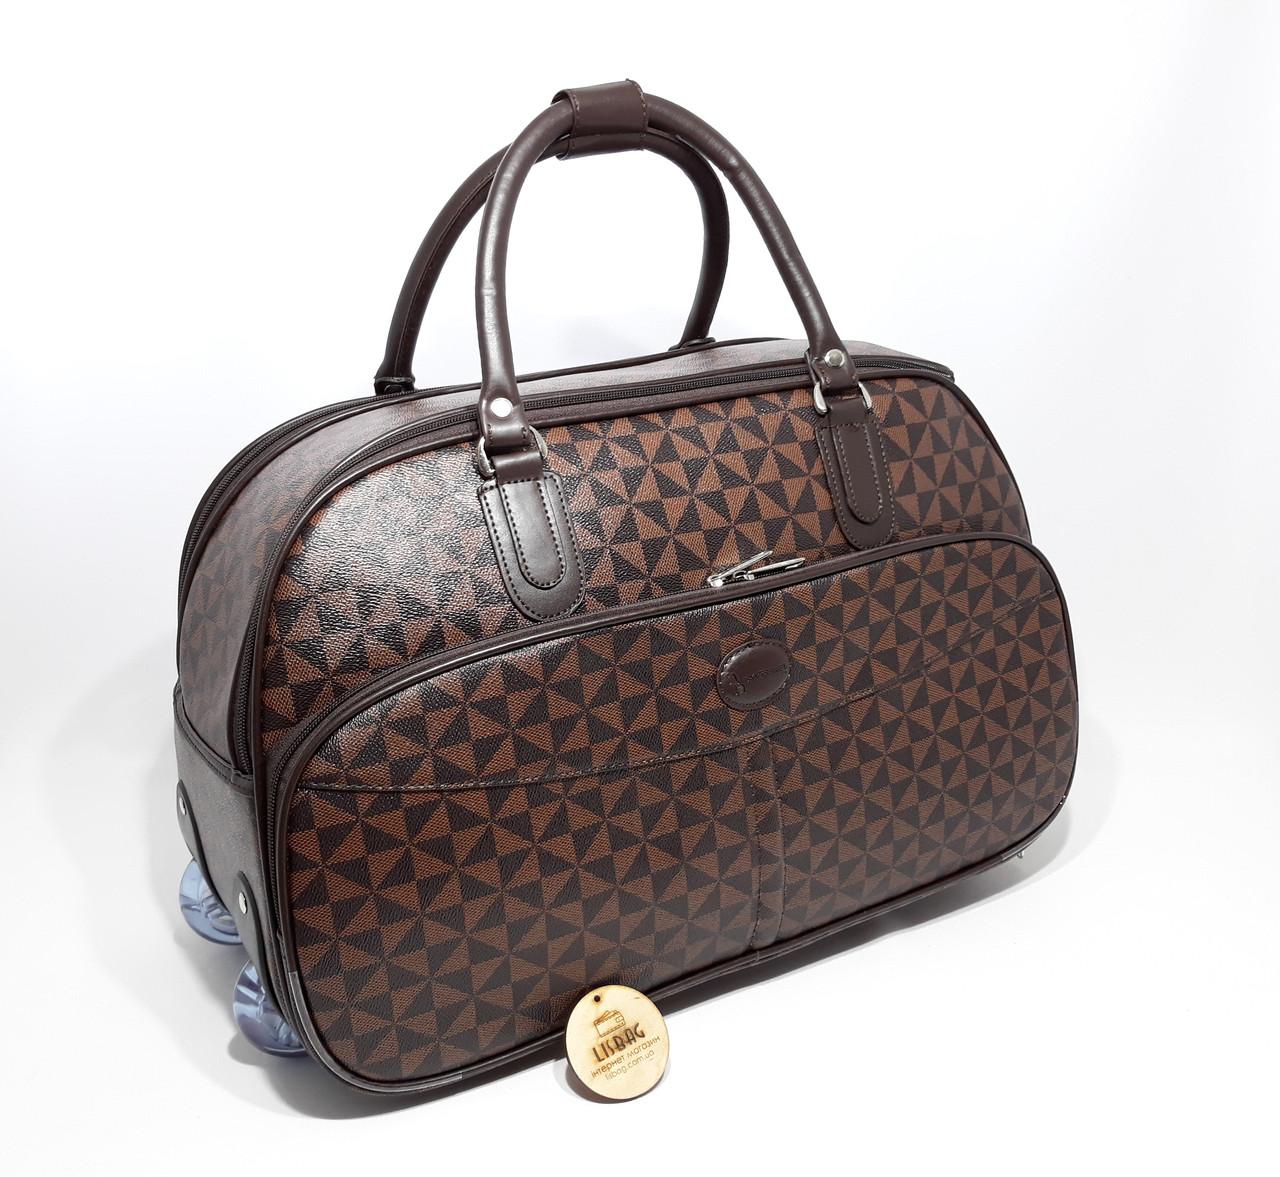 902f596f5831 ... Сумка на колесах большая XL Коричневая (59*31*38) чемодан дорожная сумка  ...